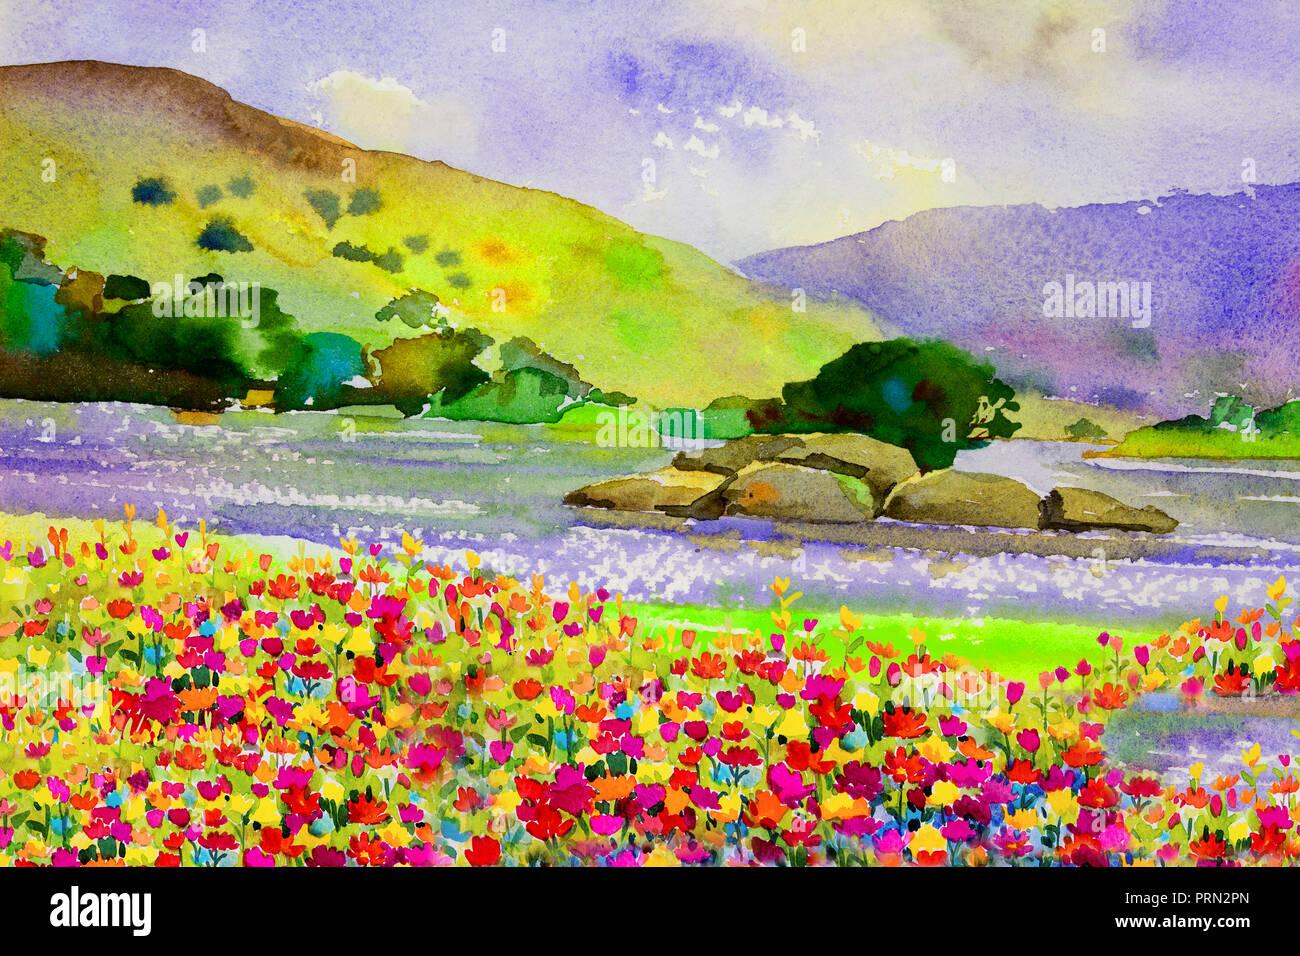 Dipinti Ad Acquerello Di Paesaggio Immagini Dipinti Ad